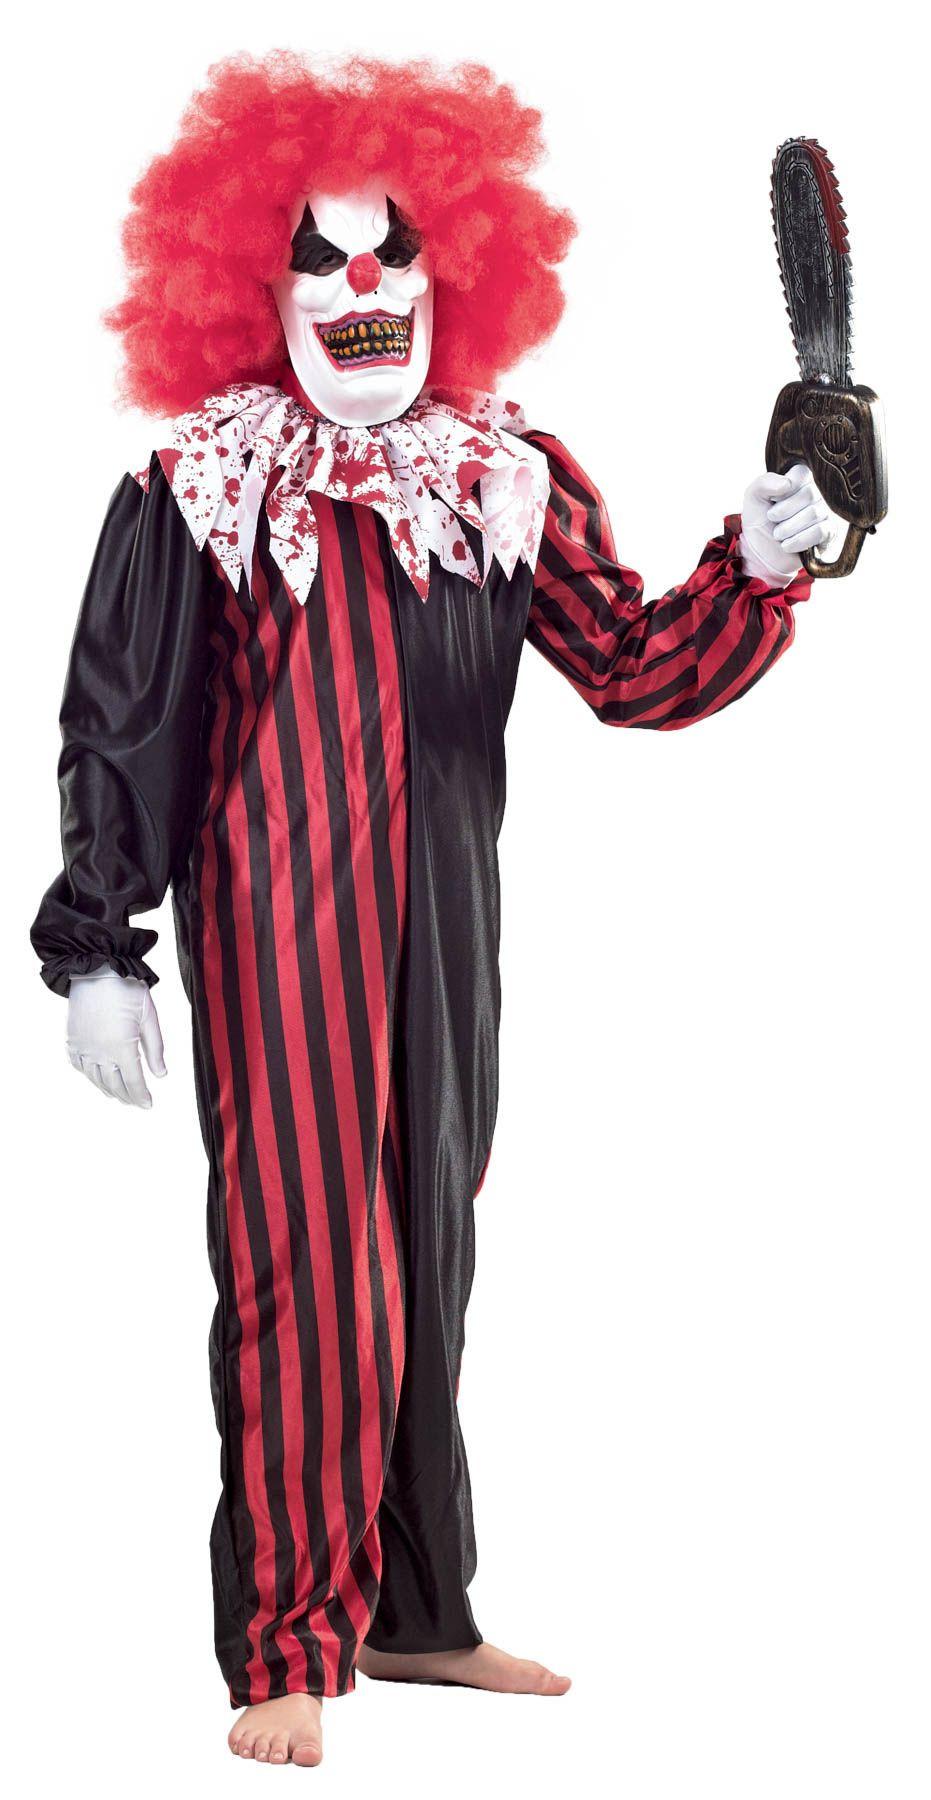 Αποκριάτικη Στολή Creepy Clown No.14 (420)